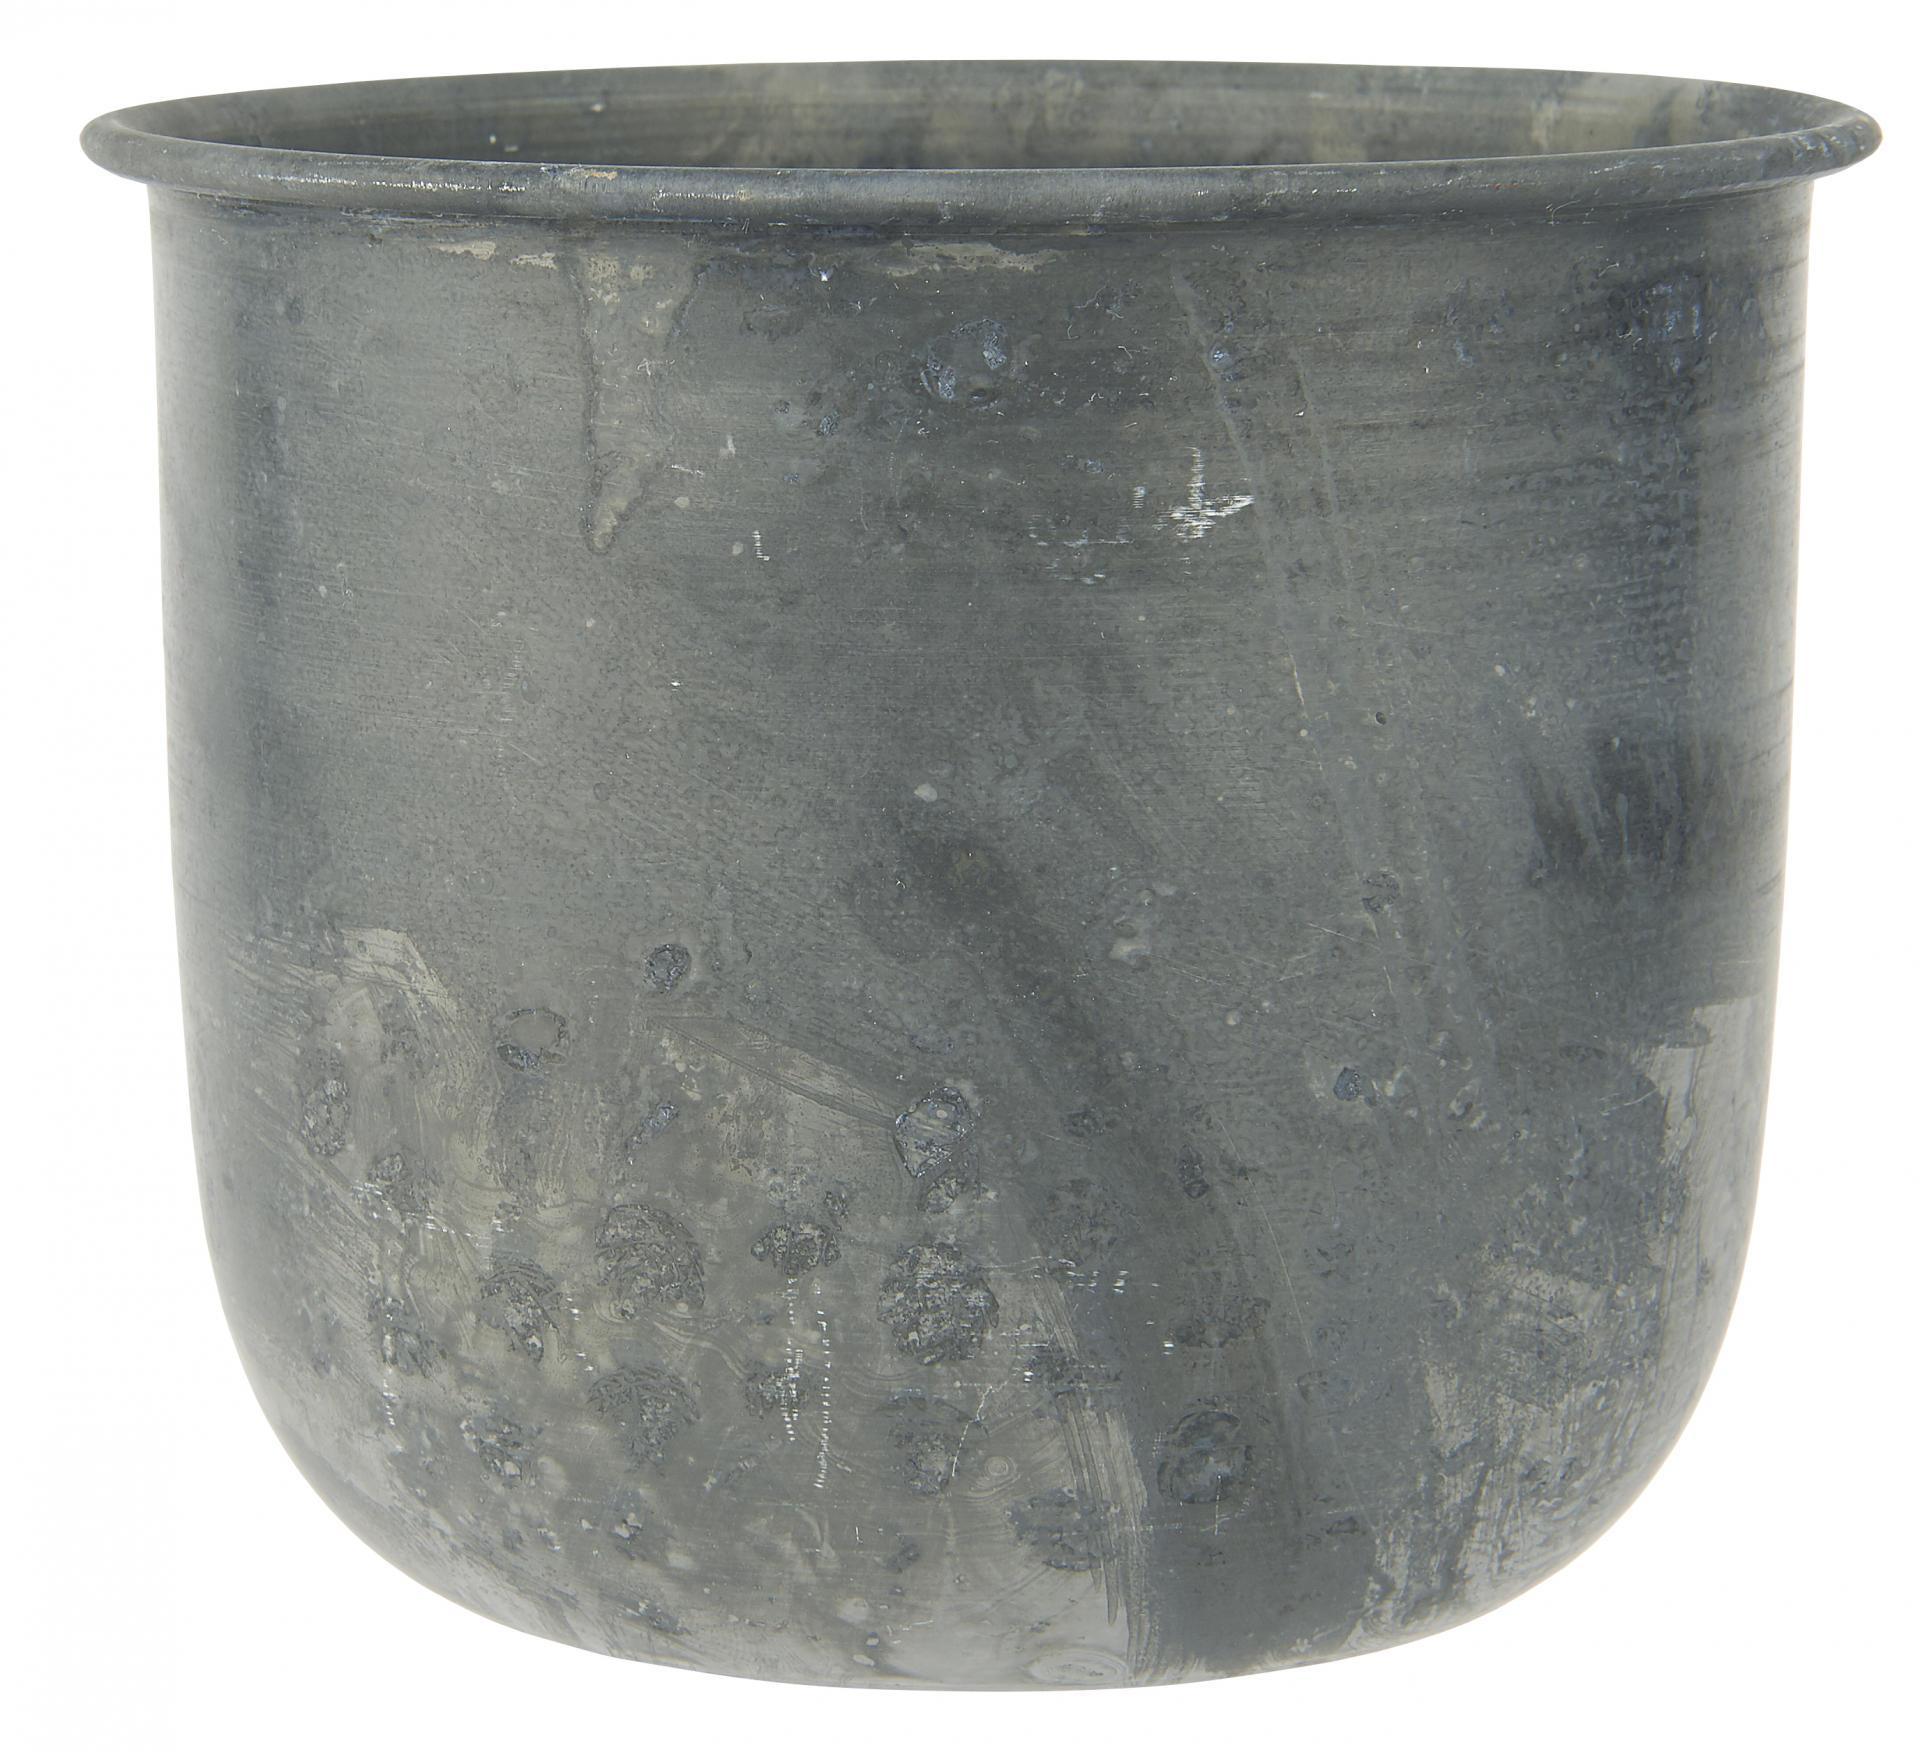 IB LAURSEN Kovový obal na květináček Zinc Pot, šedá barva, zinek